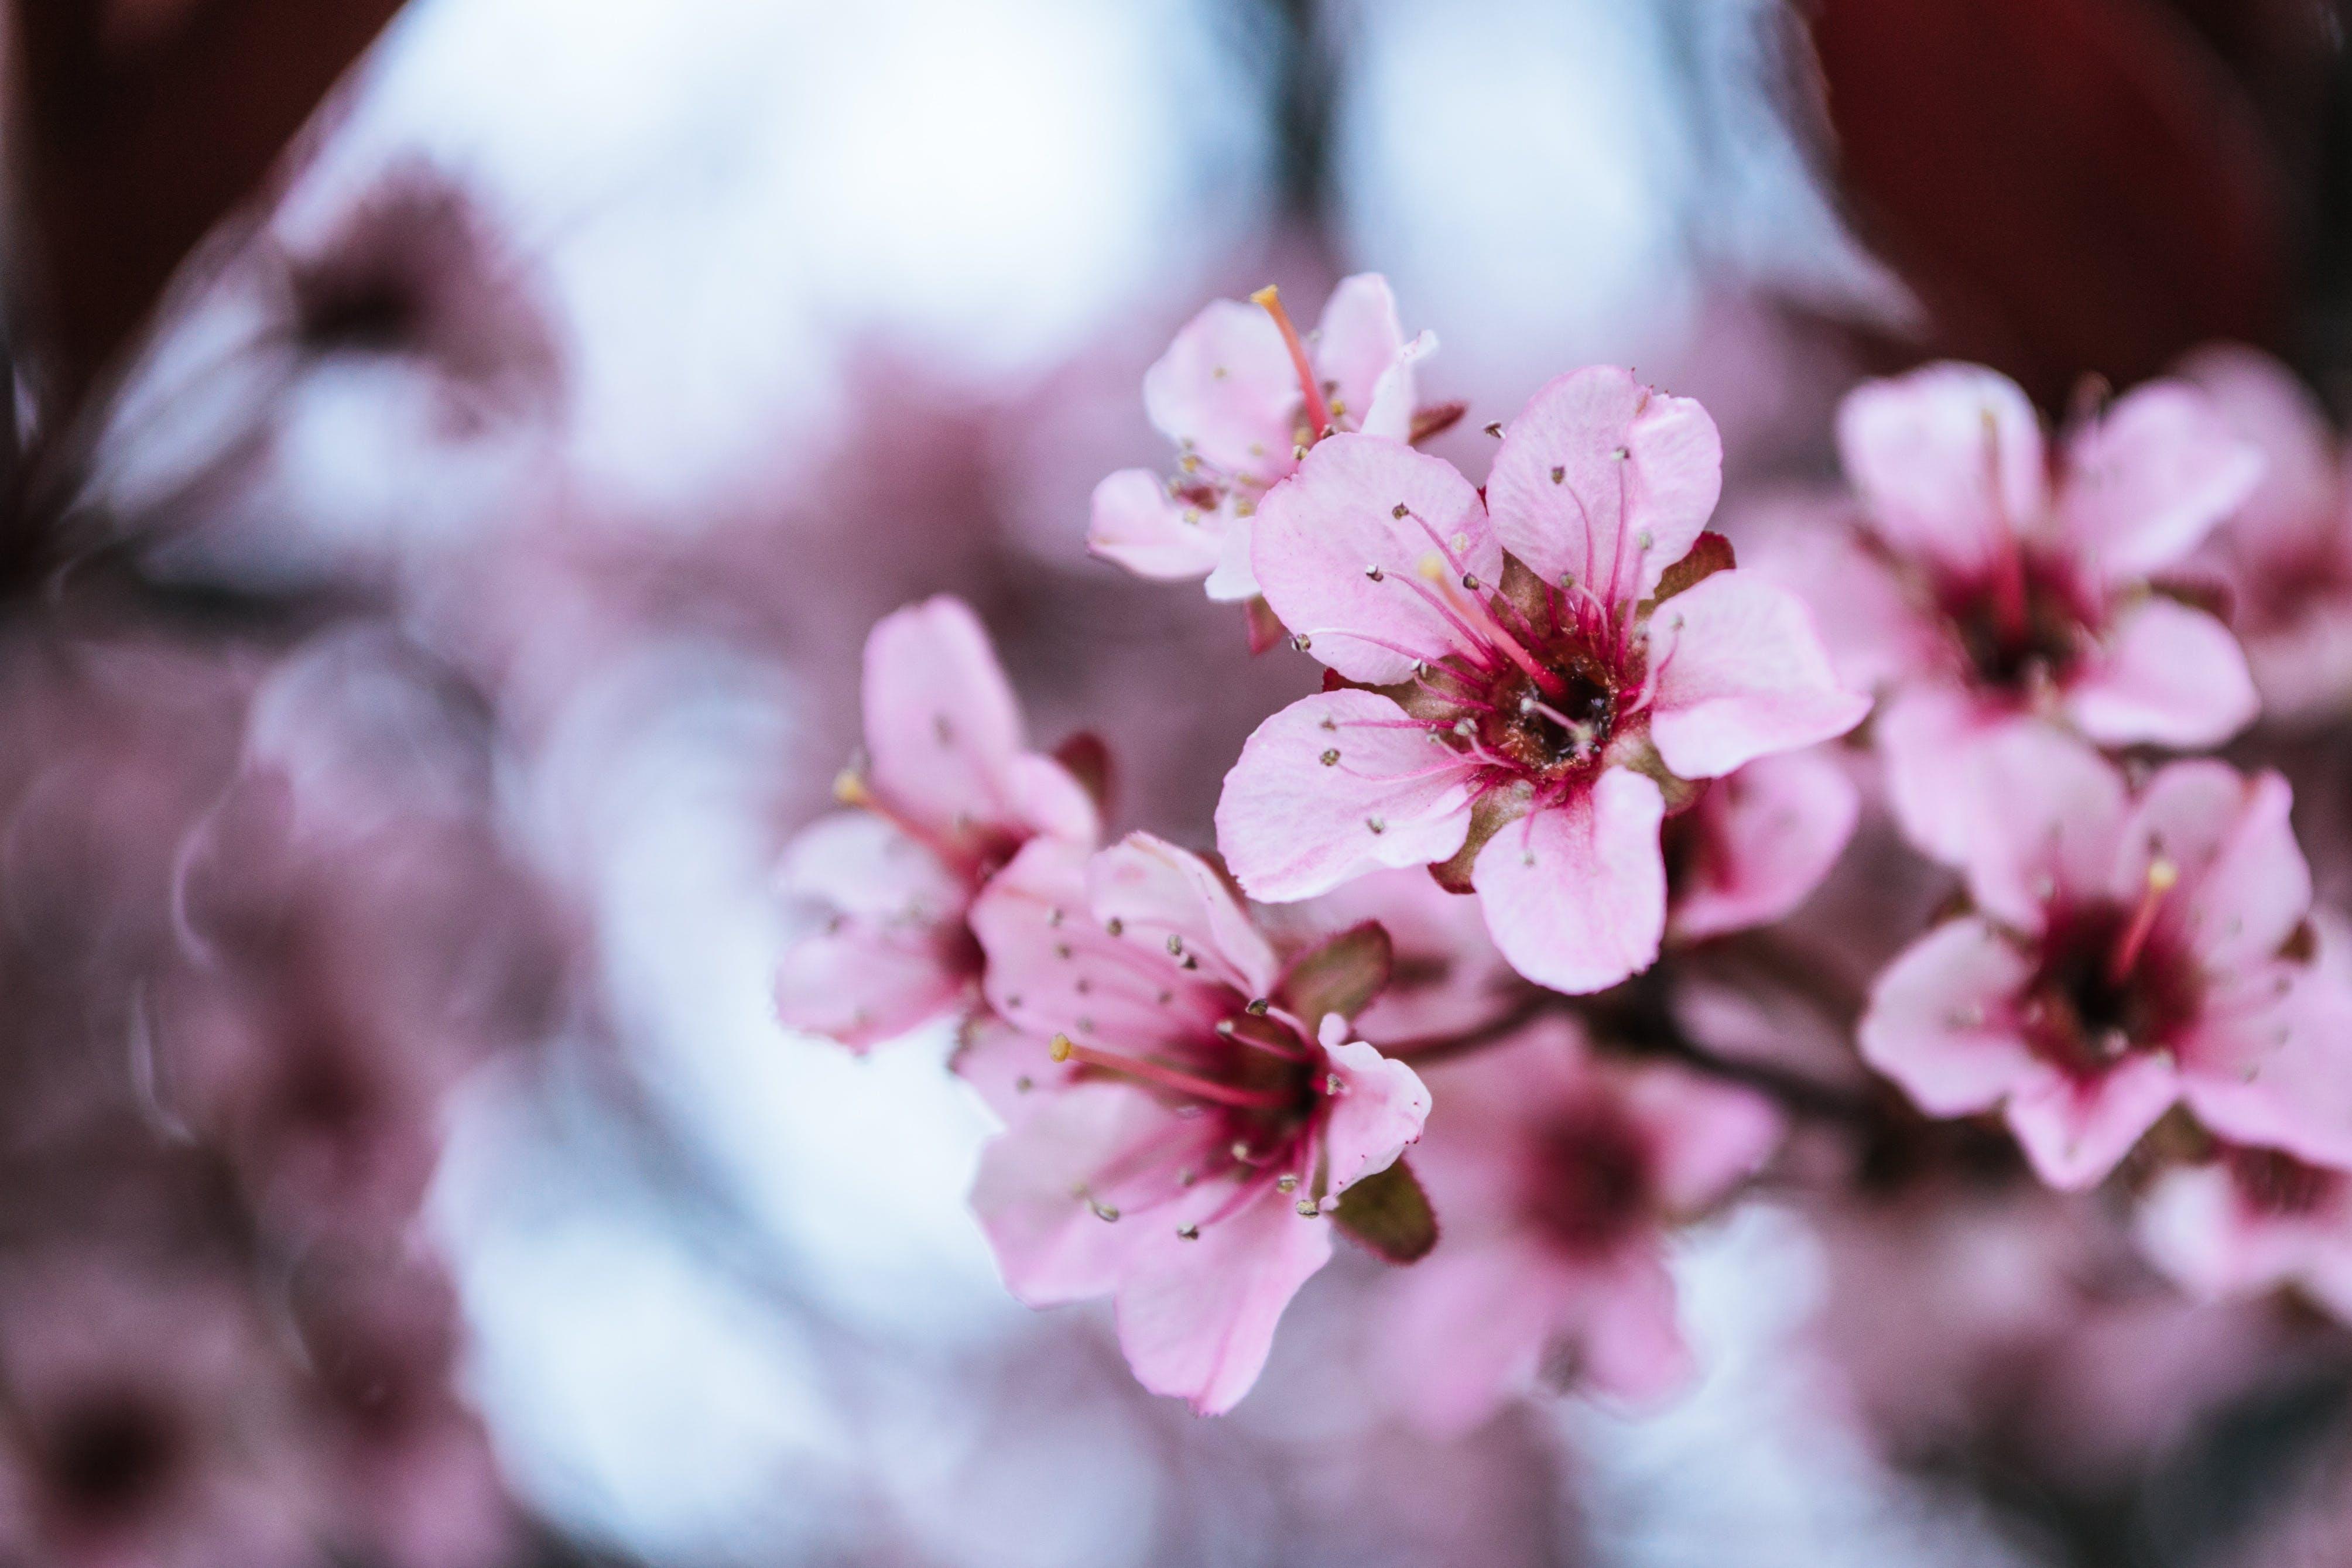 Kostenloses Stock Foto zu blumen, blüte, blütenblätter, dof